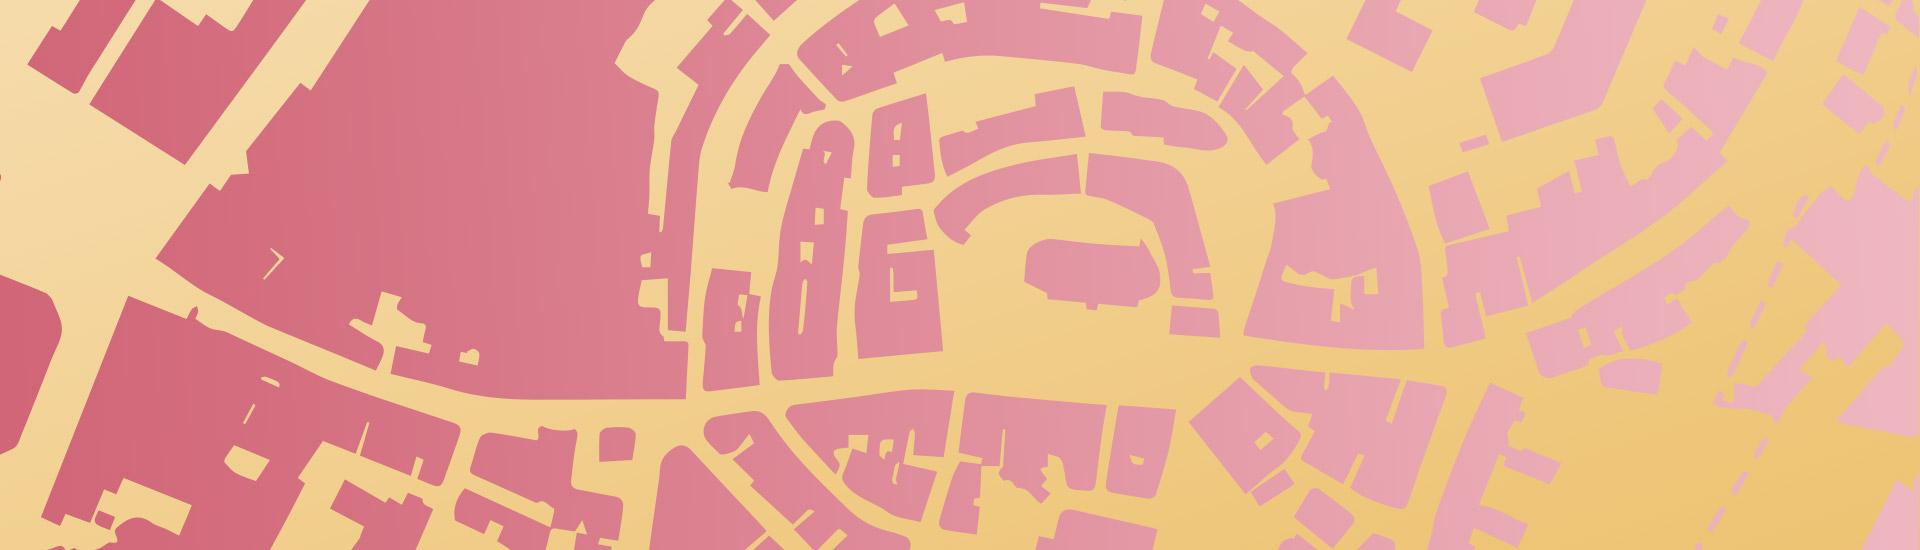 Lüdenscheid Altstadt Gold-Rosa